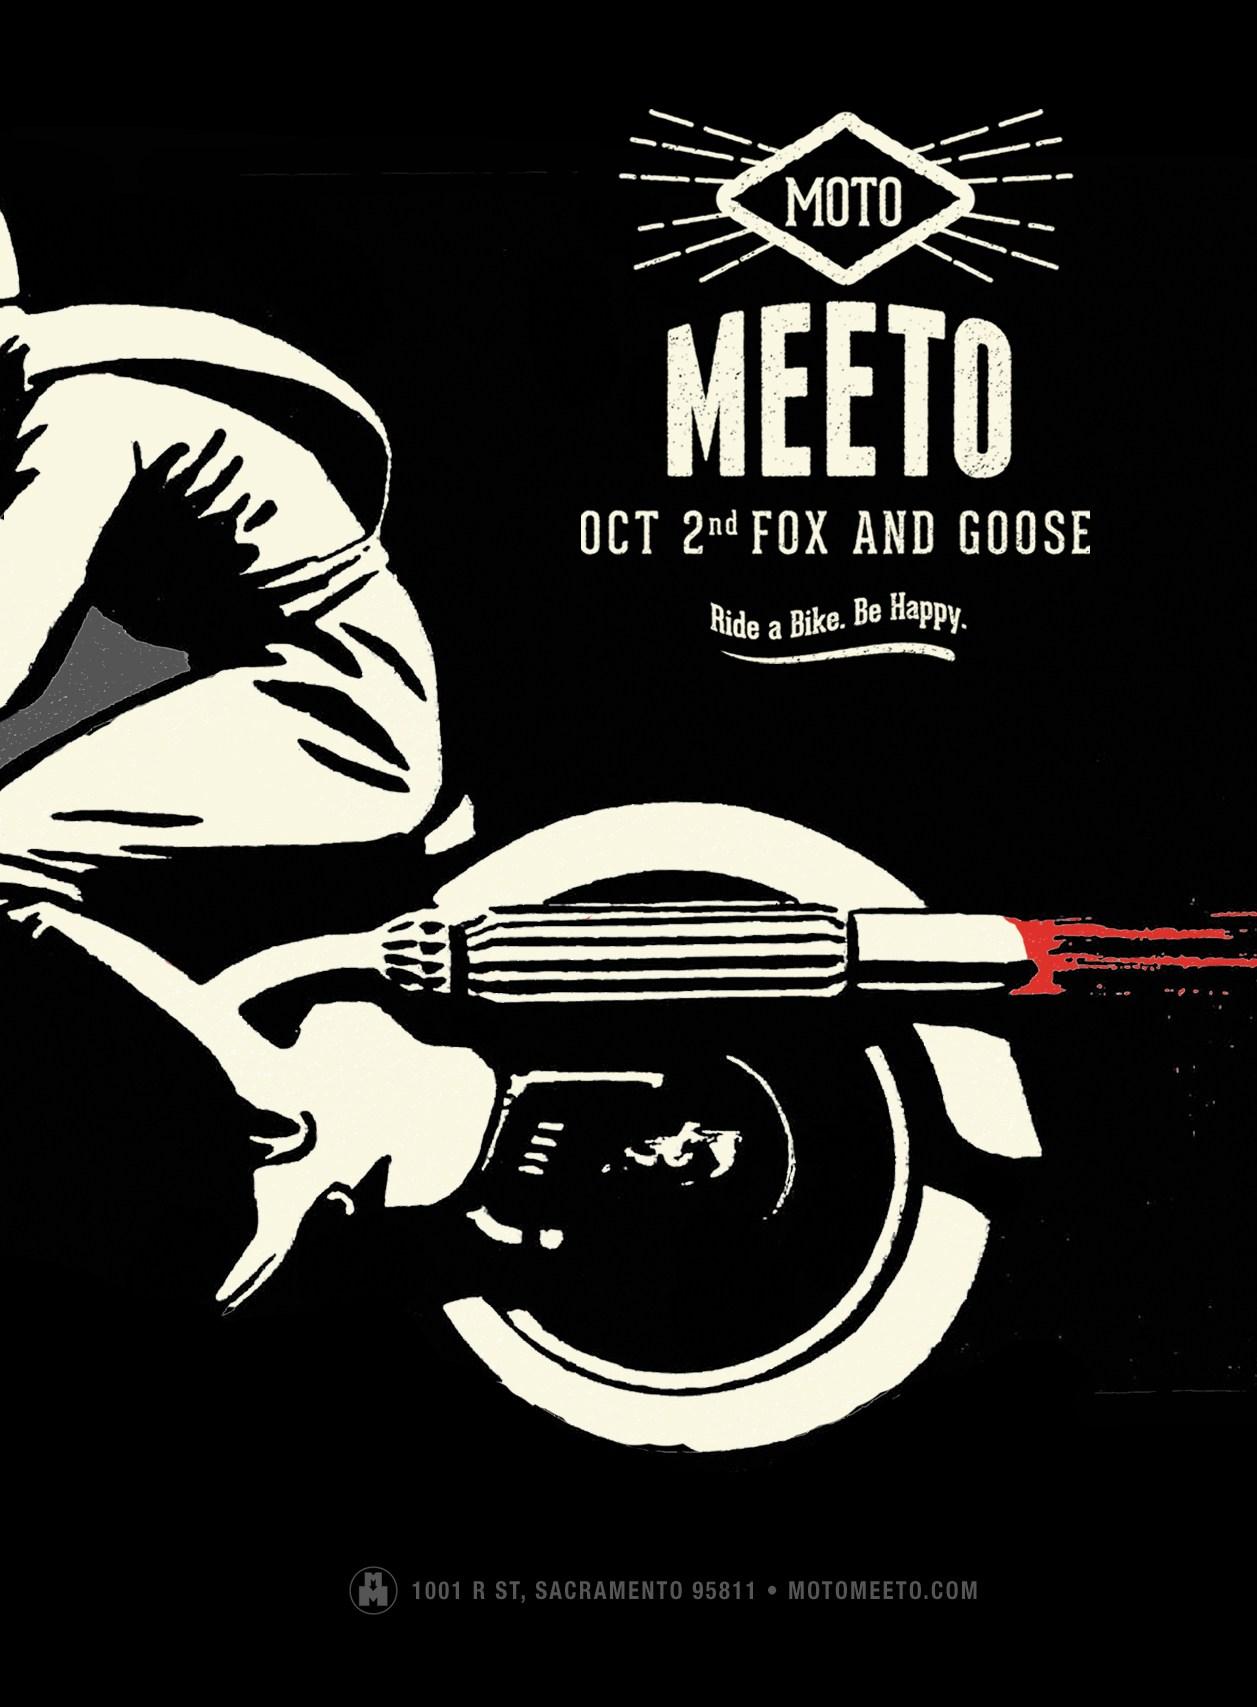 Meeto-OCT-2014v2.jpg